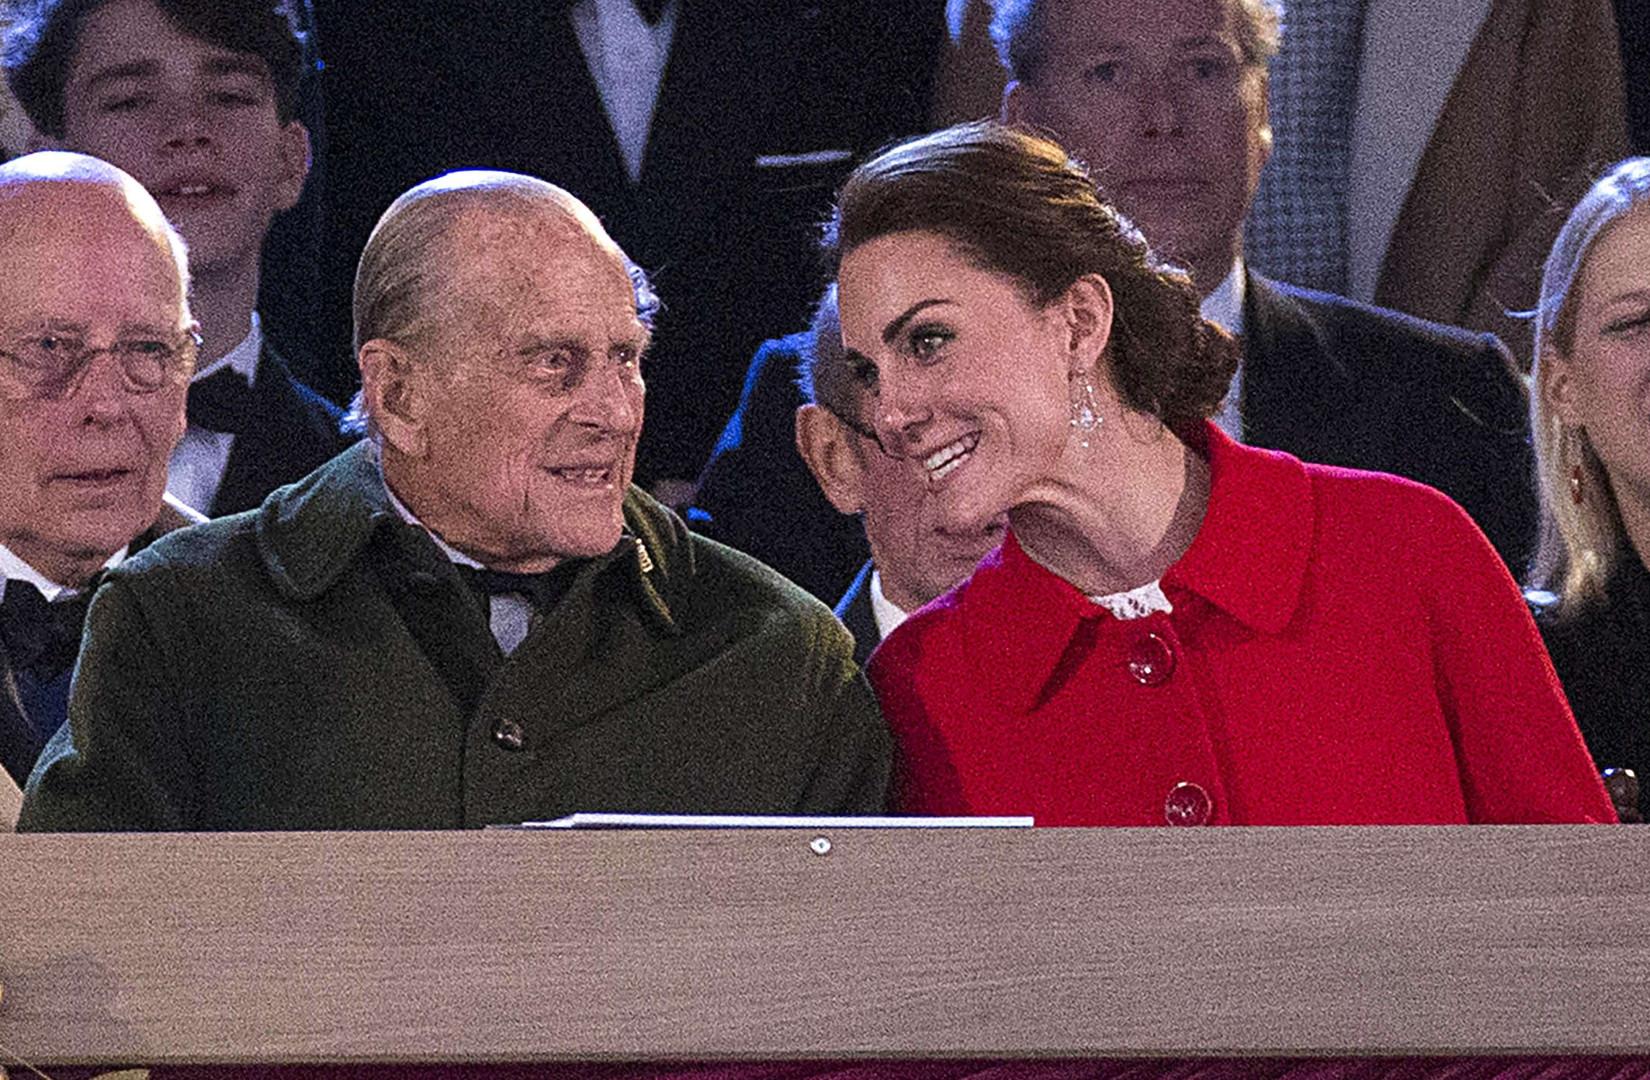 Échange complice entre Kate Middleton et le Prince Philip aux 90 ans de la reine en mai 2016